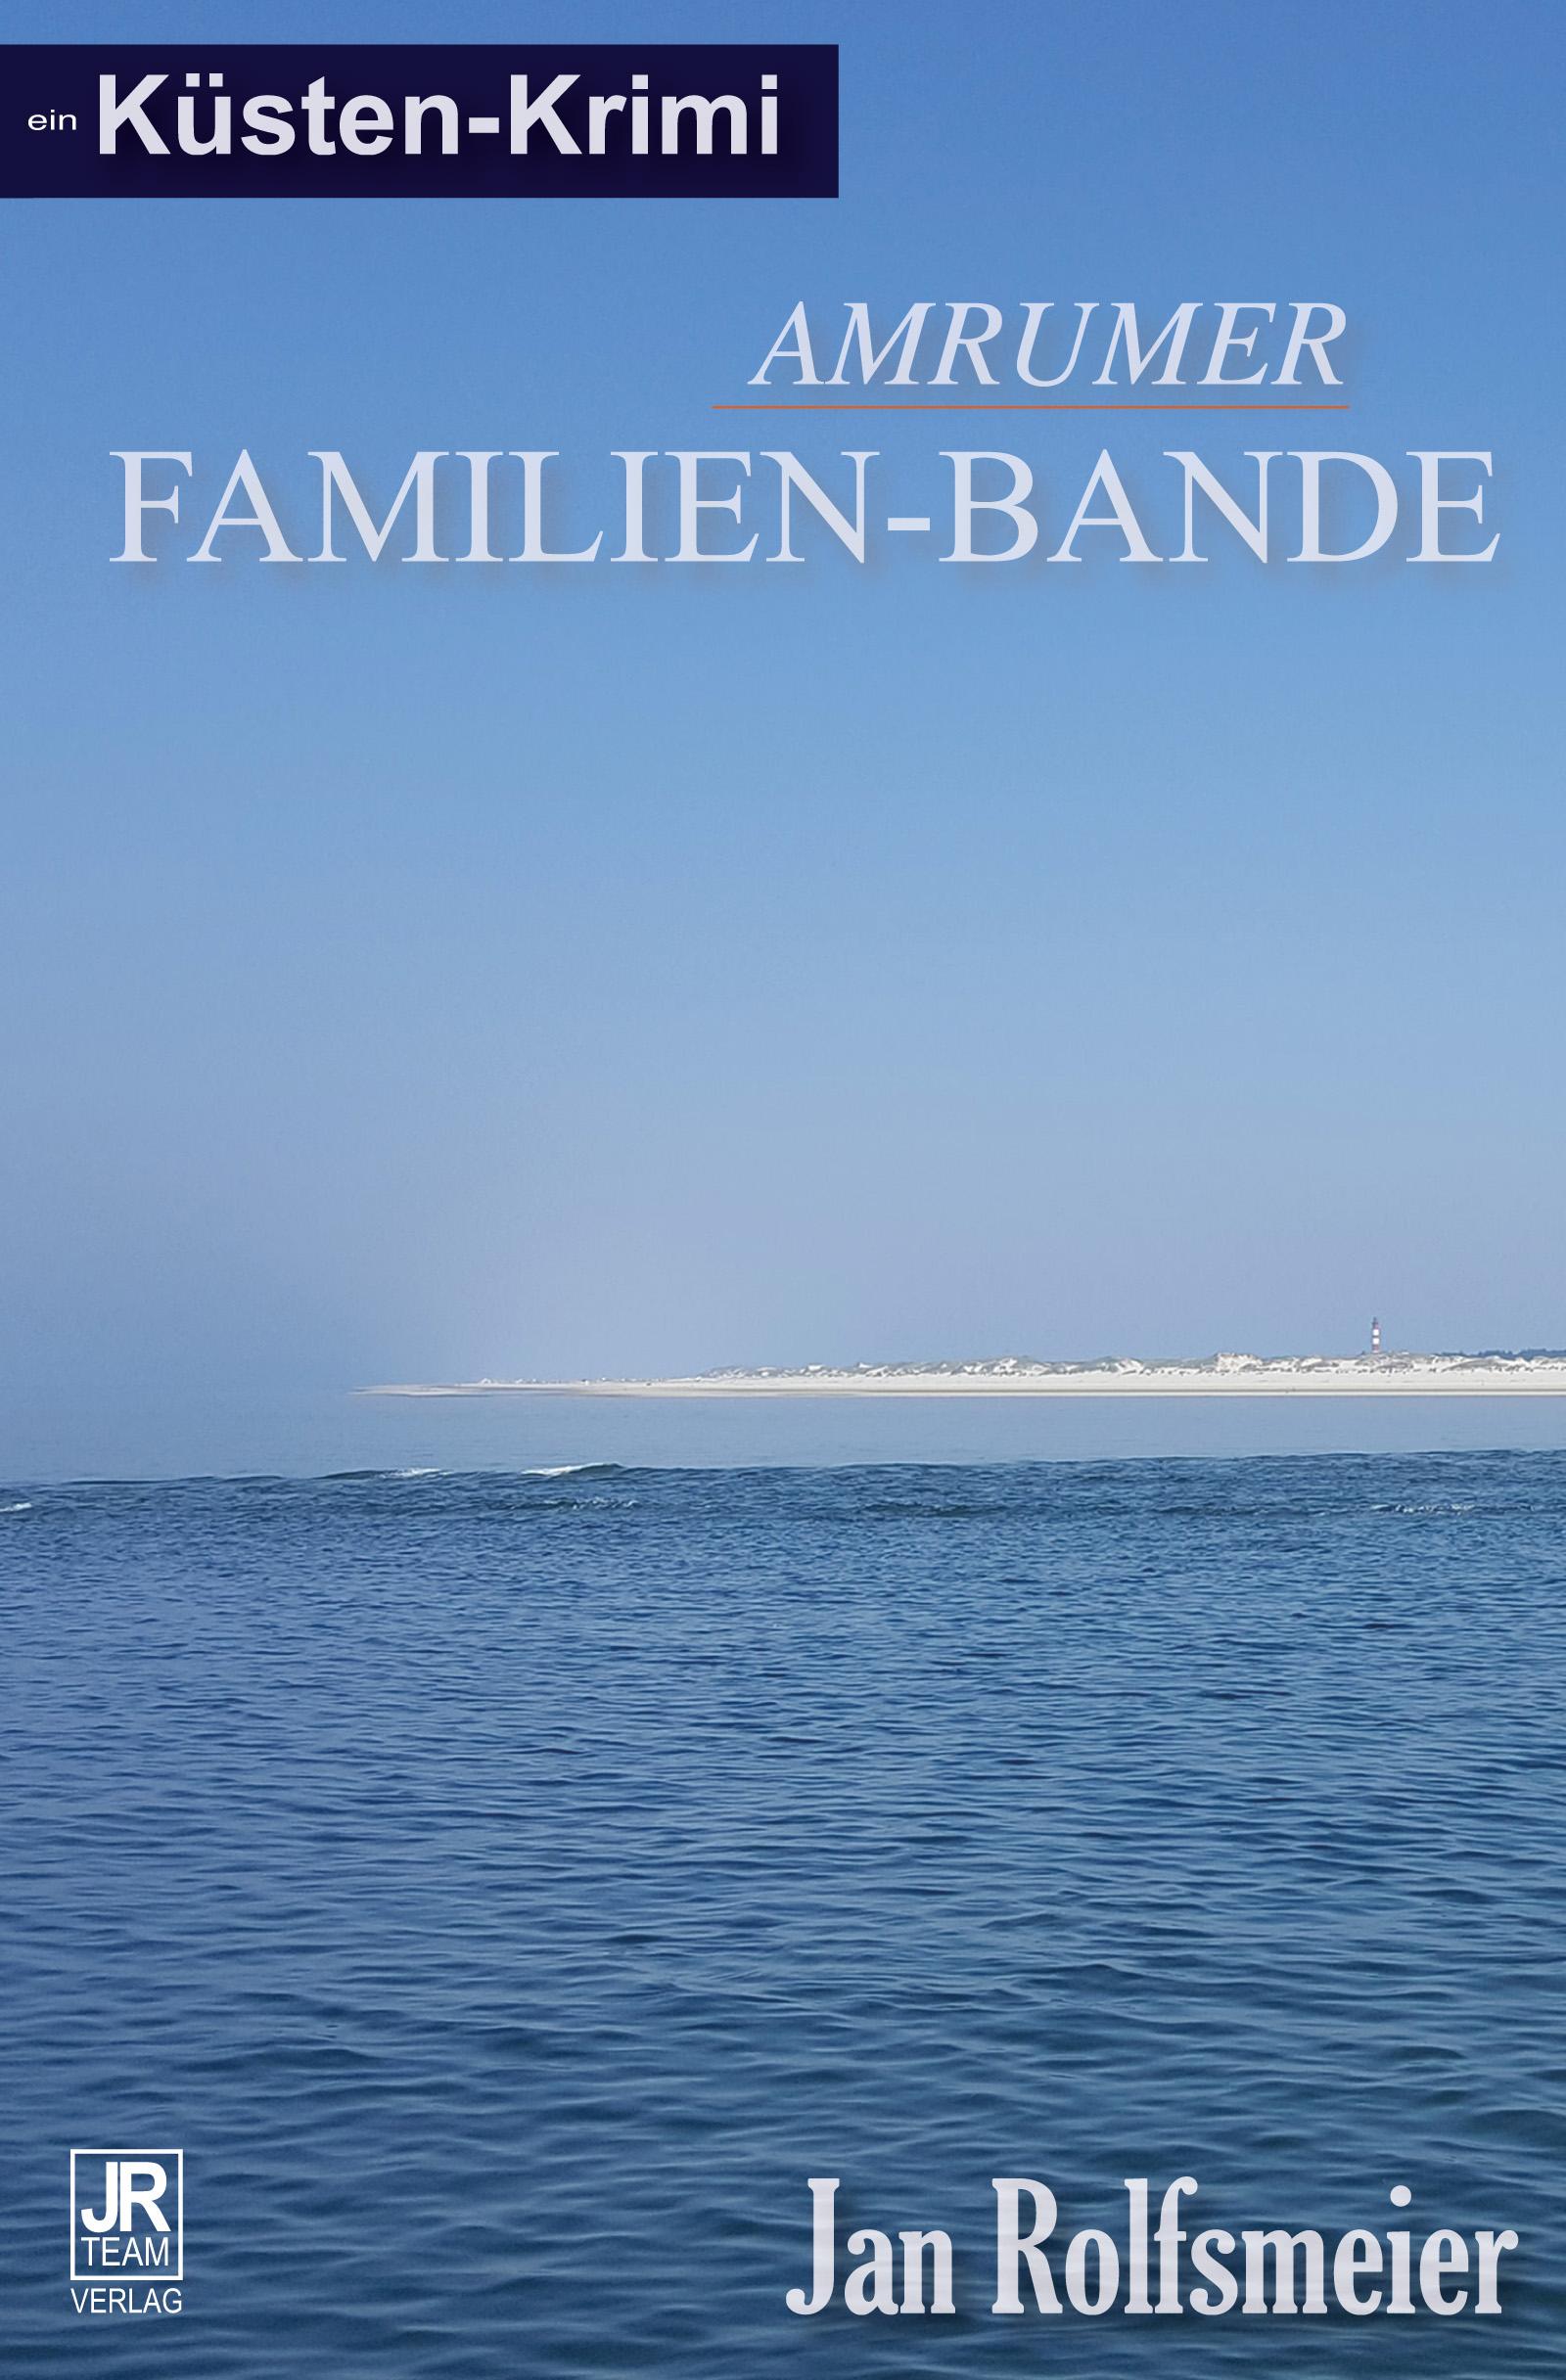 """Der neue Küstenkrimi """"Amrumer Familien-Bande"""" von Jan Rolfsmeier"""